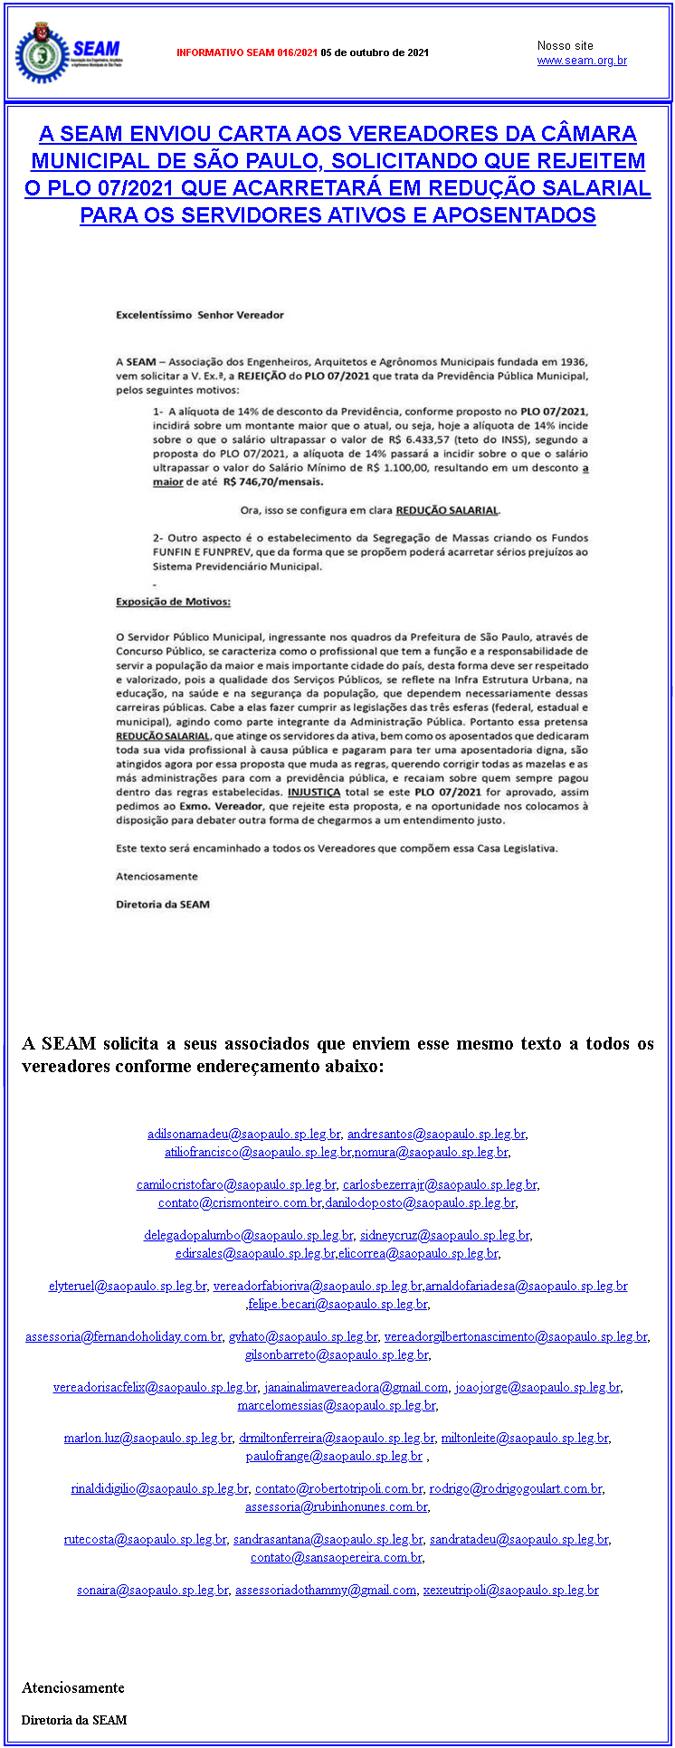 016 – A SEAM ENVIOU CARTA AOS VEREADORES DA CÂMARA MUNICIPAL DE SÃO PAULO, SOLICITANDO QUE REJEITEM O PLO 07/2021 QUE ACARRETARÁ EM REDUÇÃO SALARIAL PARA OS SERVIDORES ATIVOS E APOSENTADOS